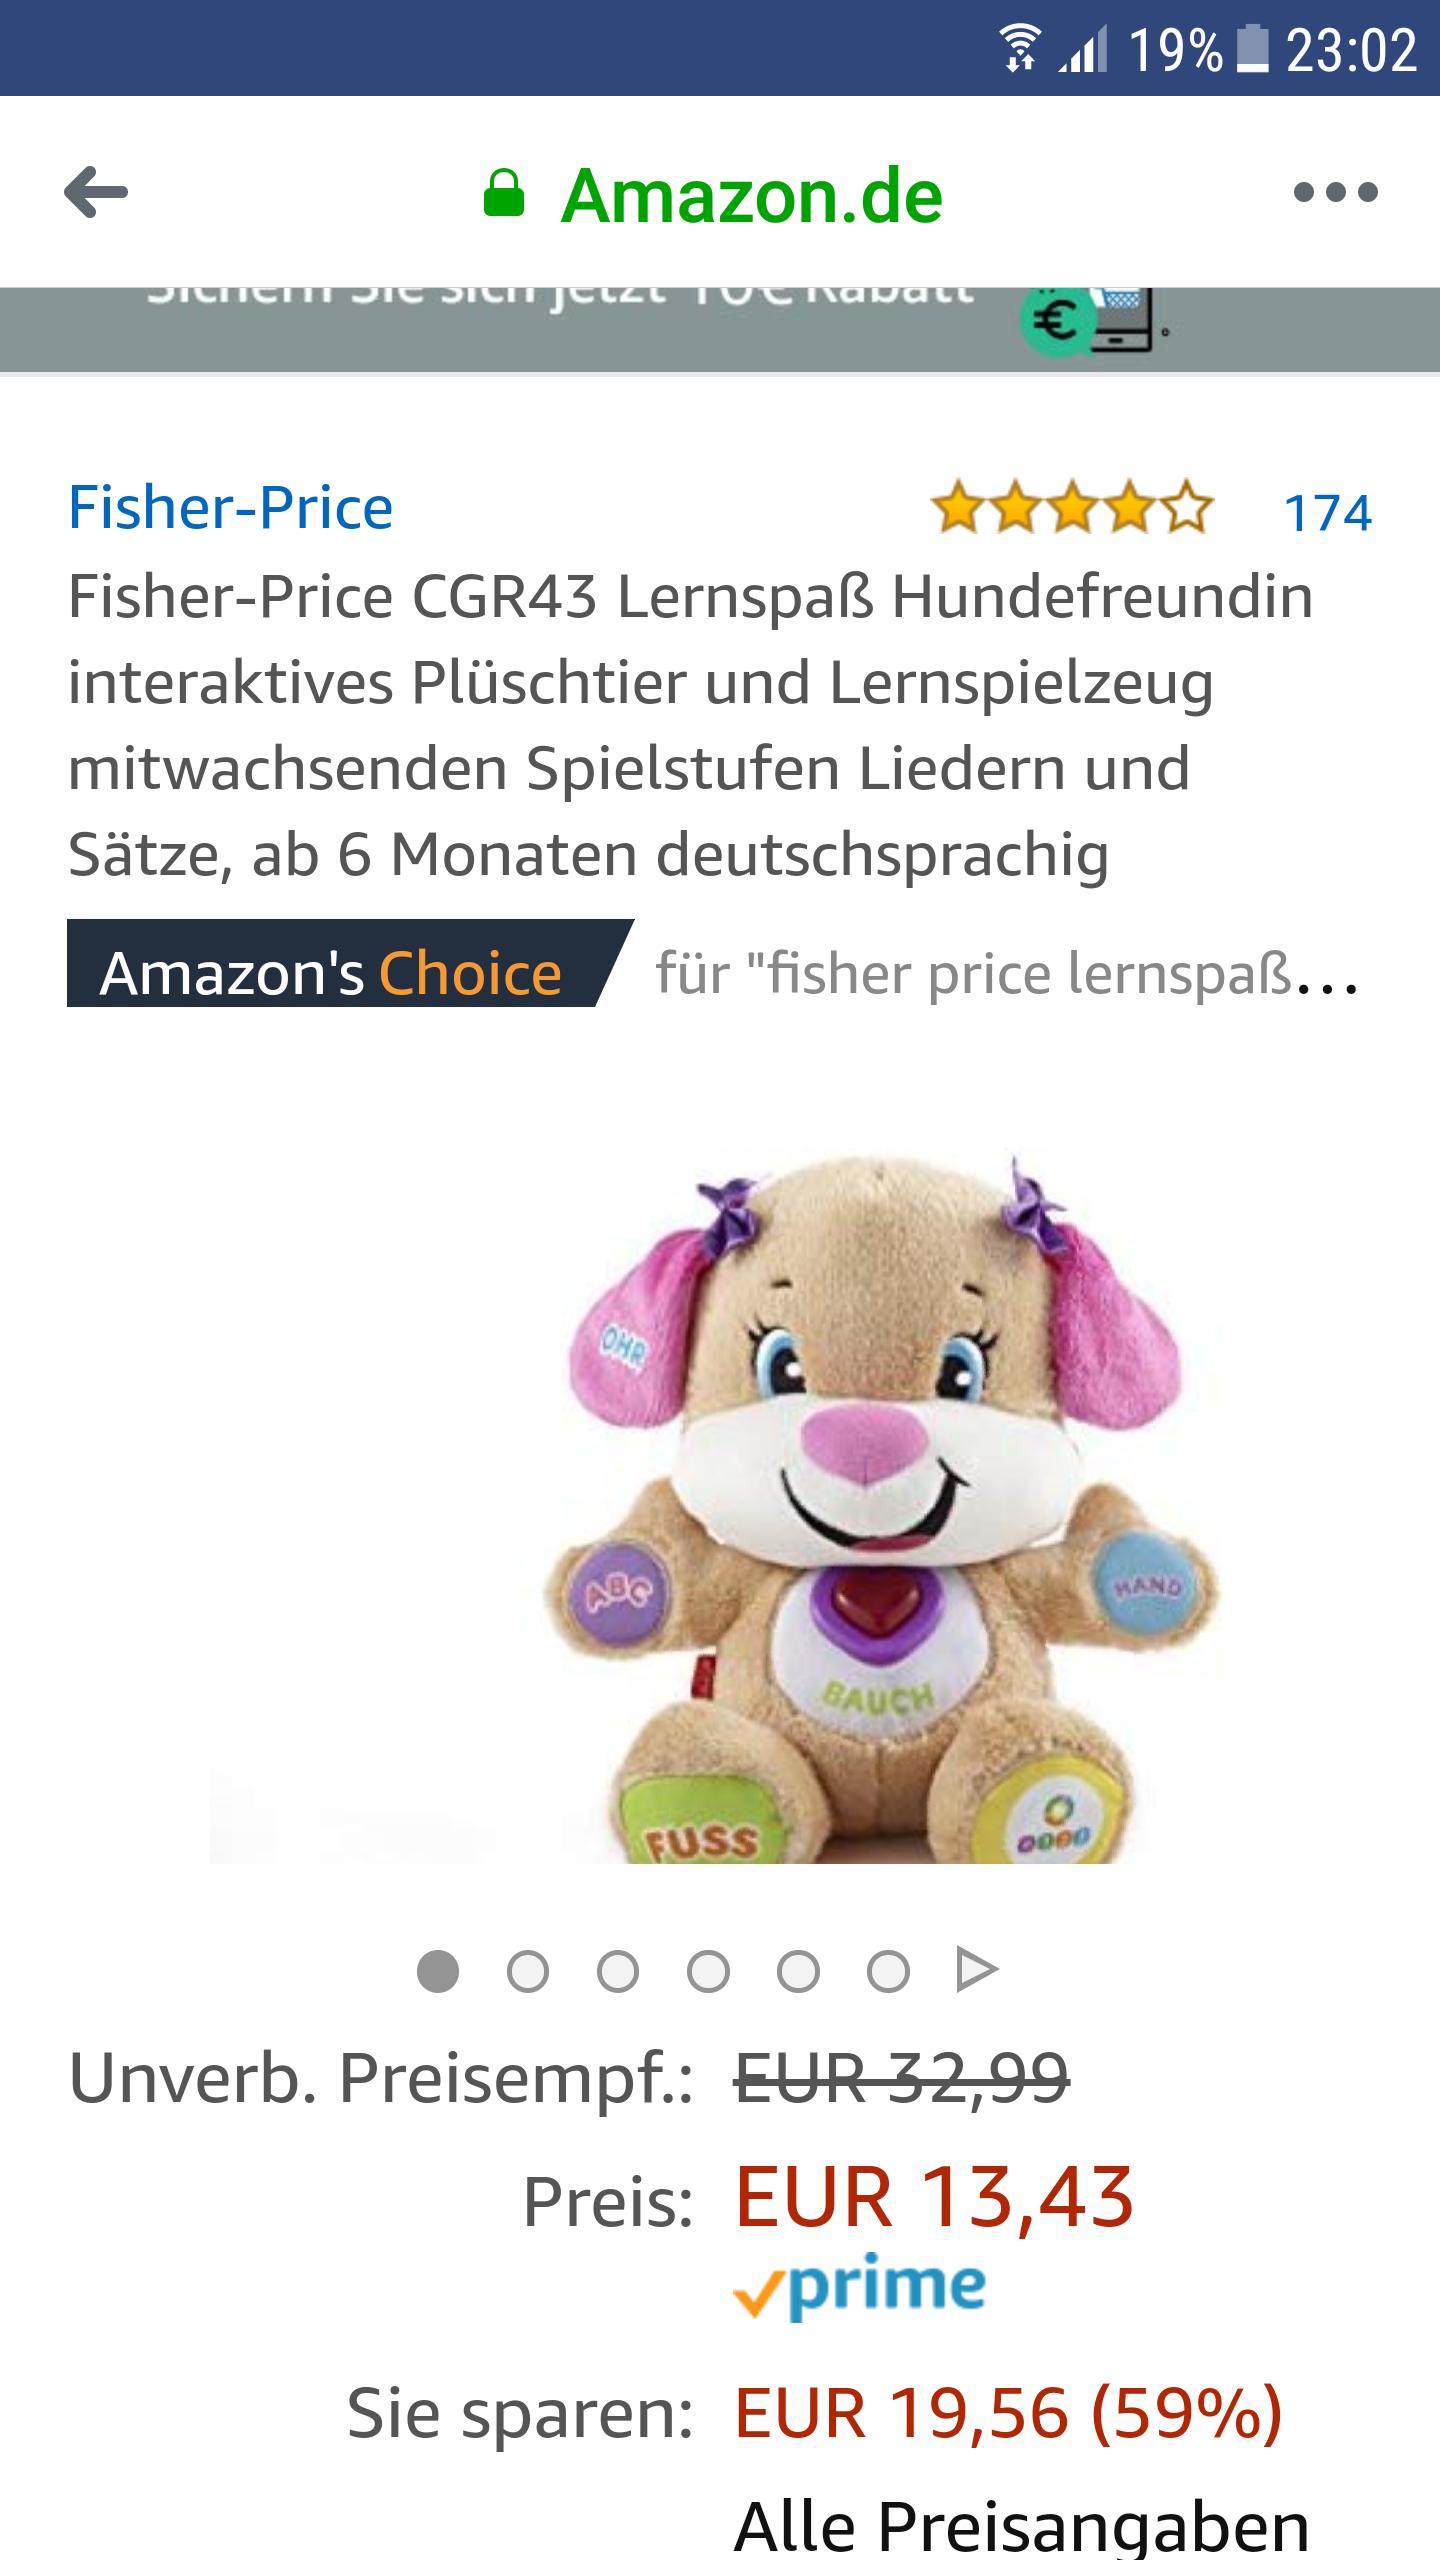 (Amazon) Fisher-Price CGR43 Lernspaß Hundefreundin interaktives Plüschtier und Lernspielzeug